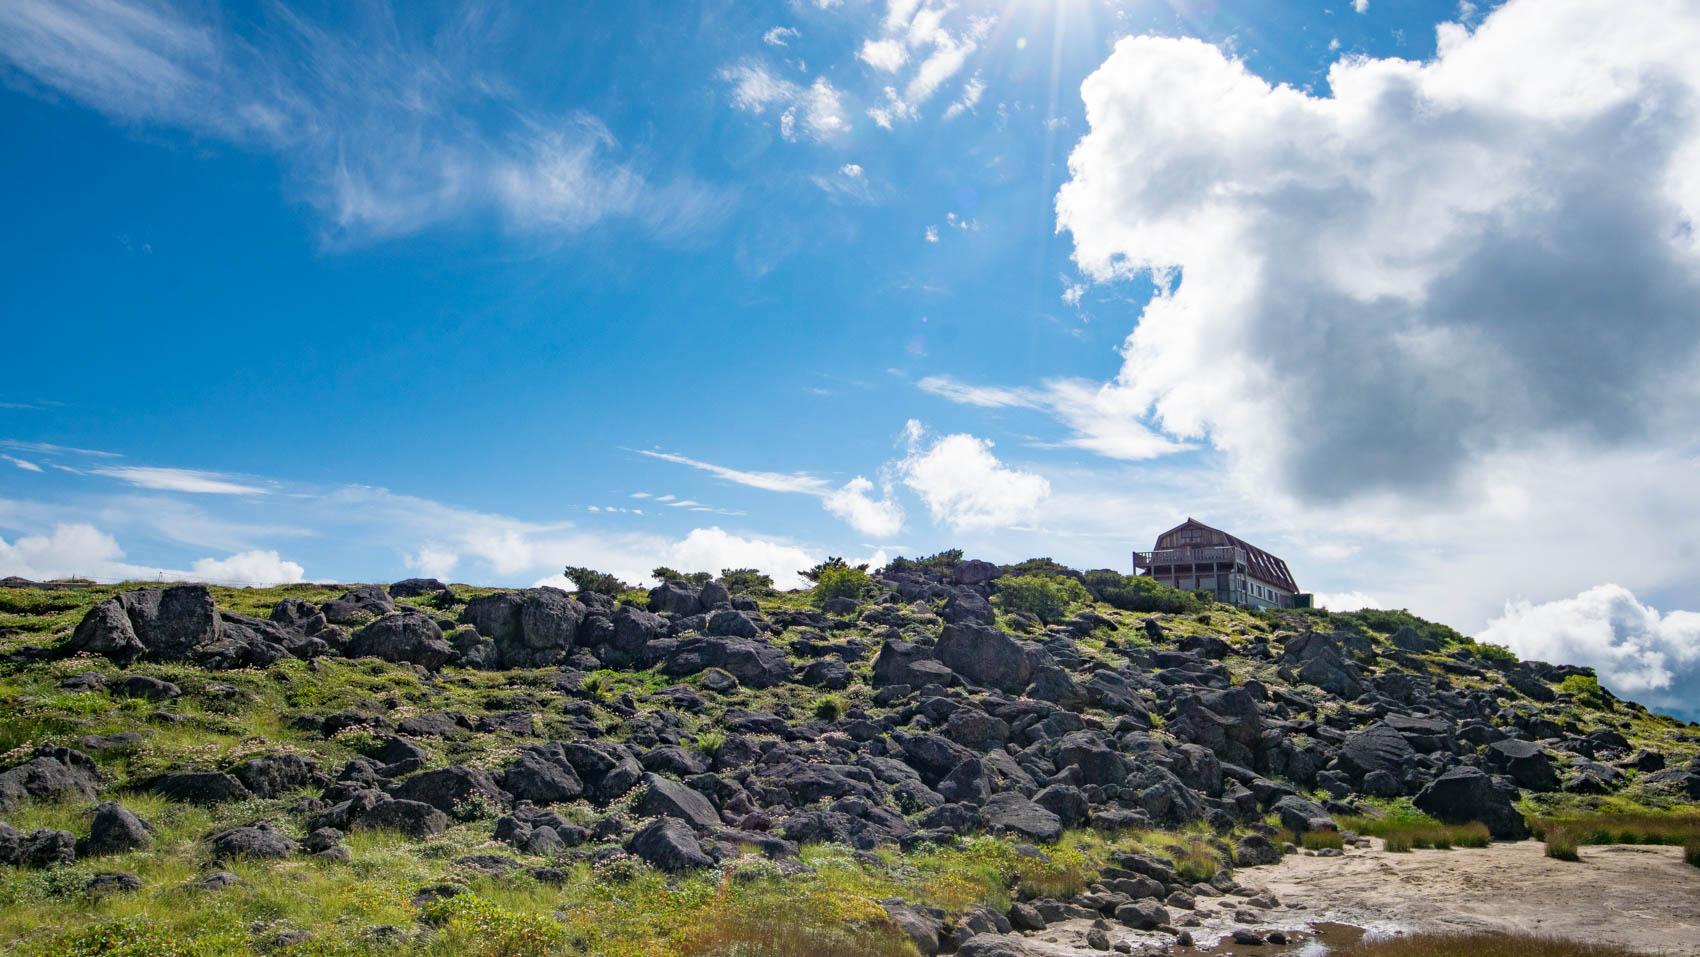 雲に浮かぶ雲ノ平山荘